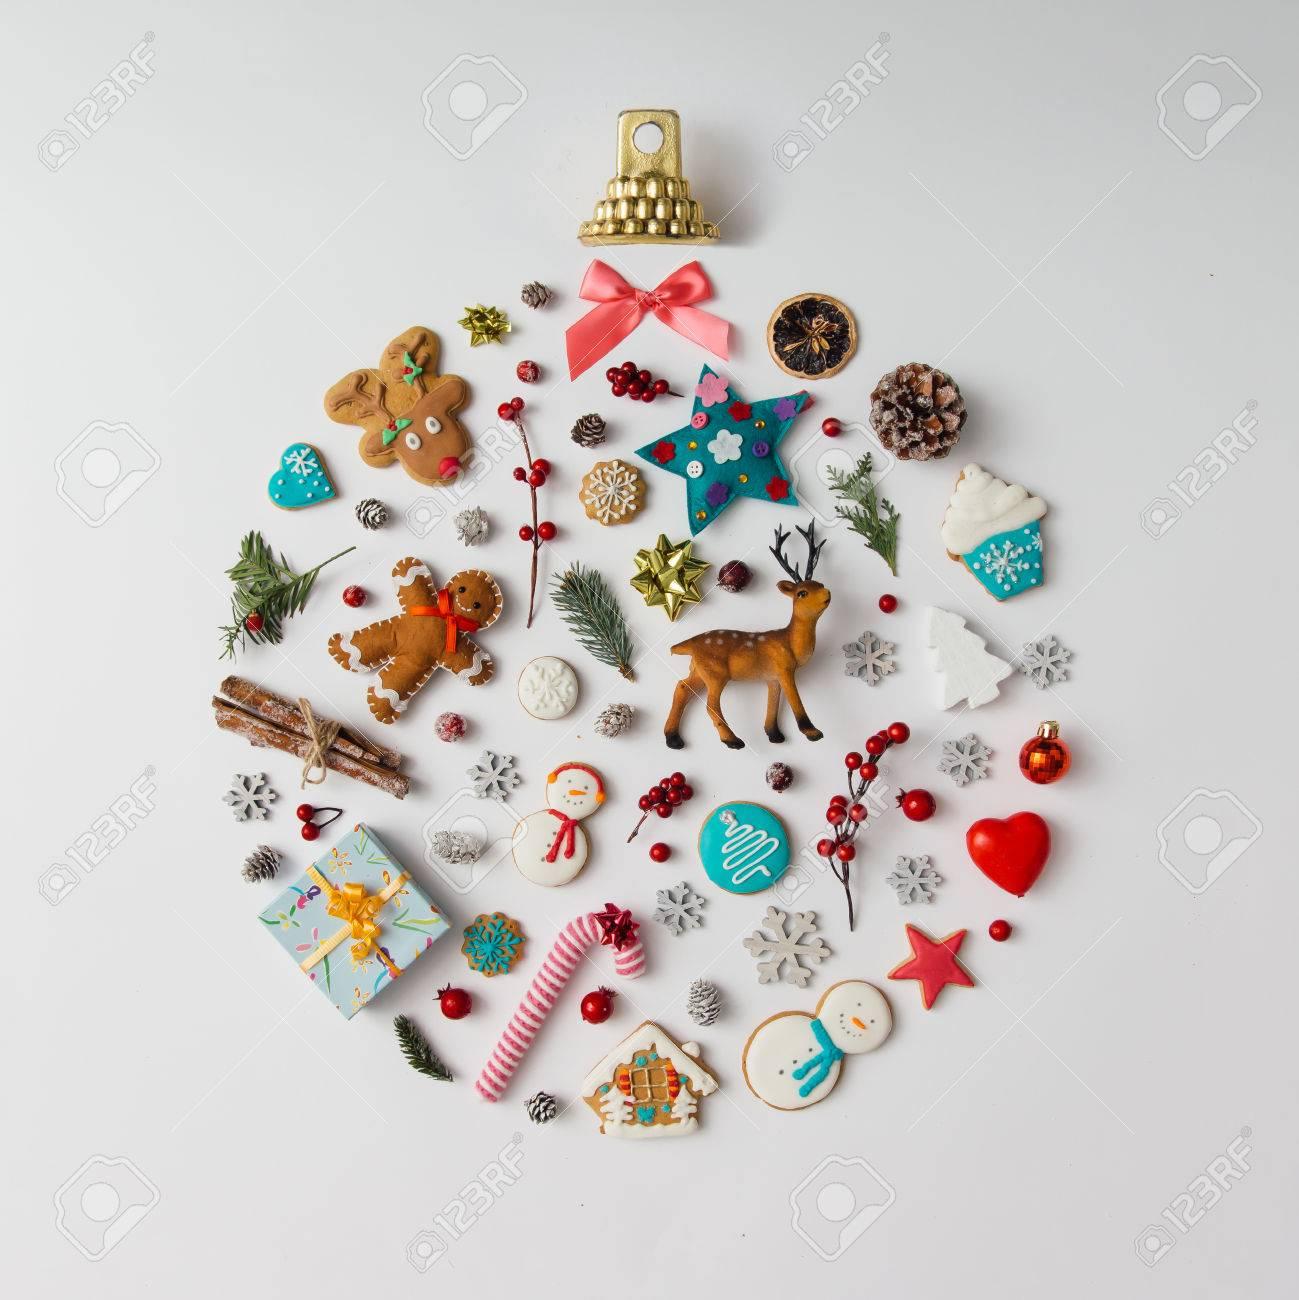 Boule Decoration.Boule De Noël Faite D éléments De Décoration Plat Poser